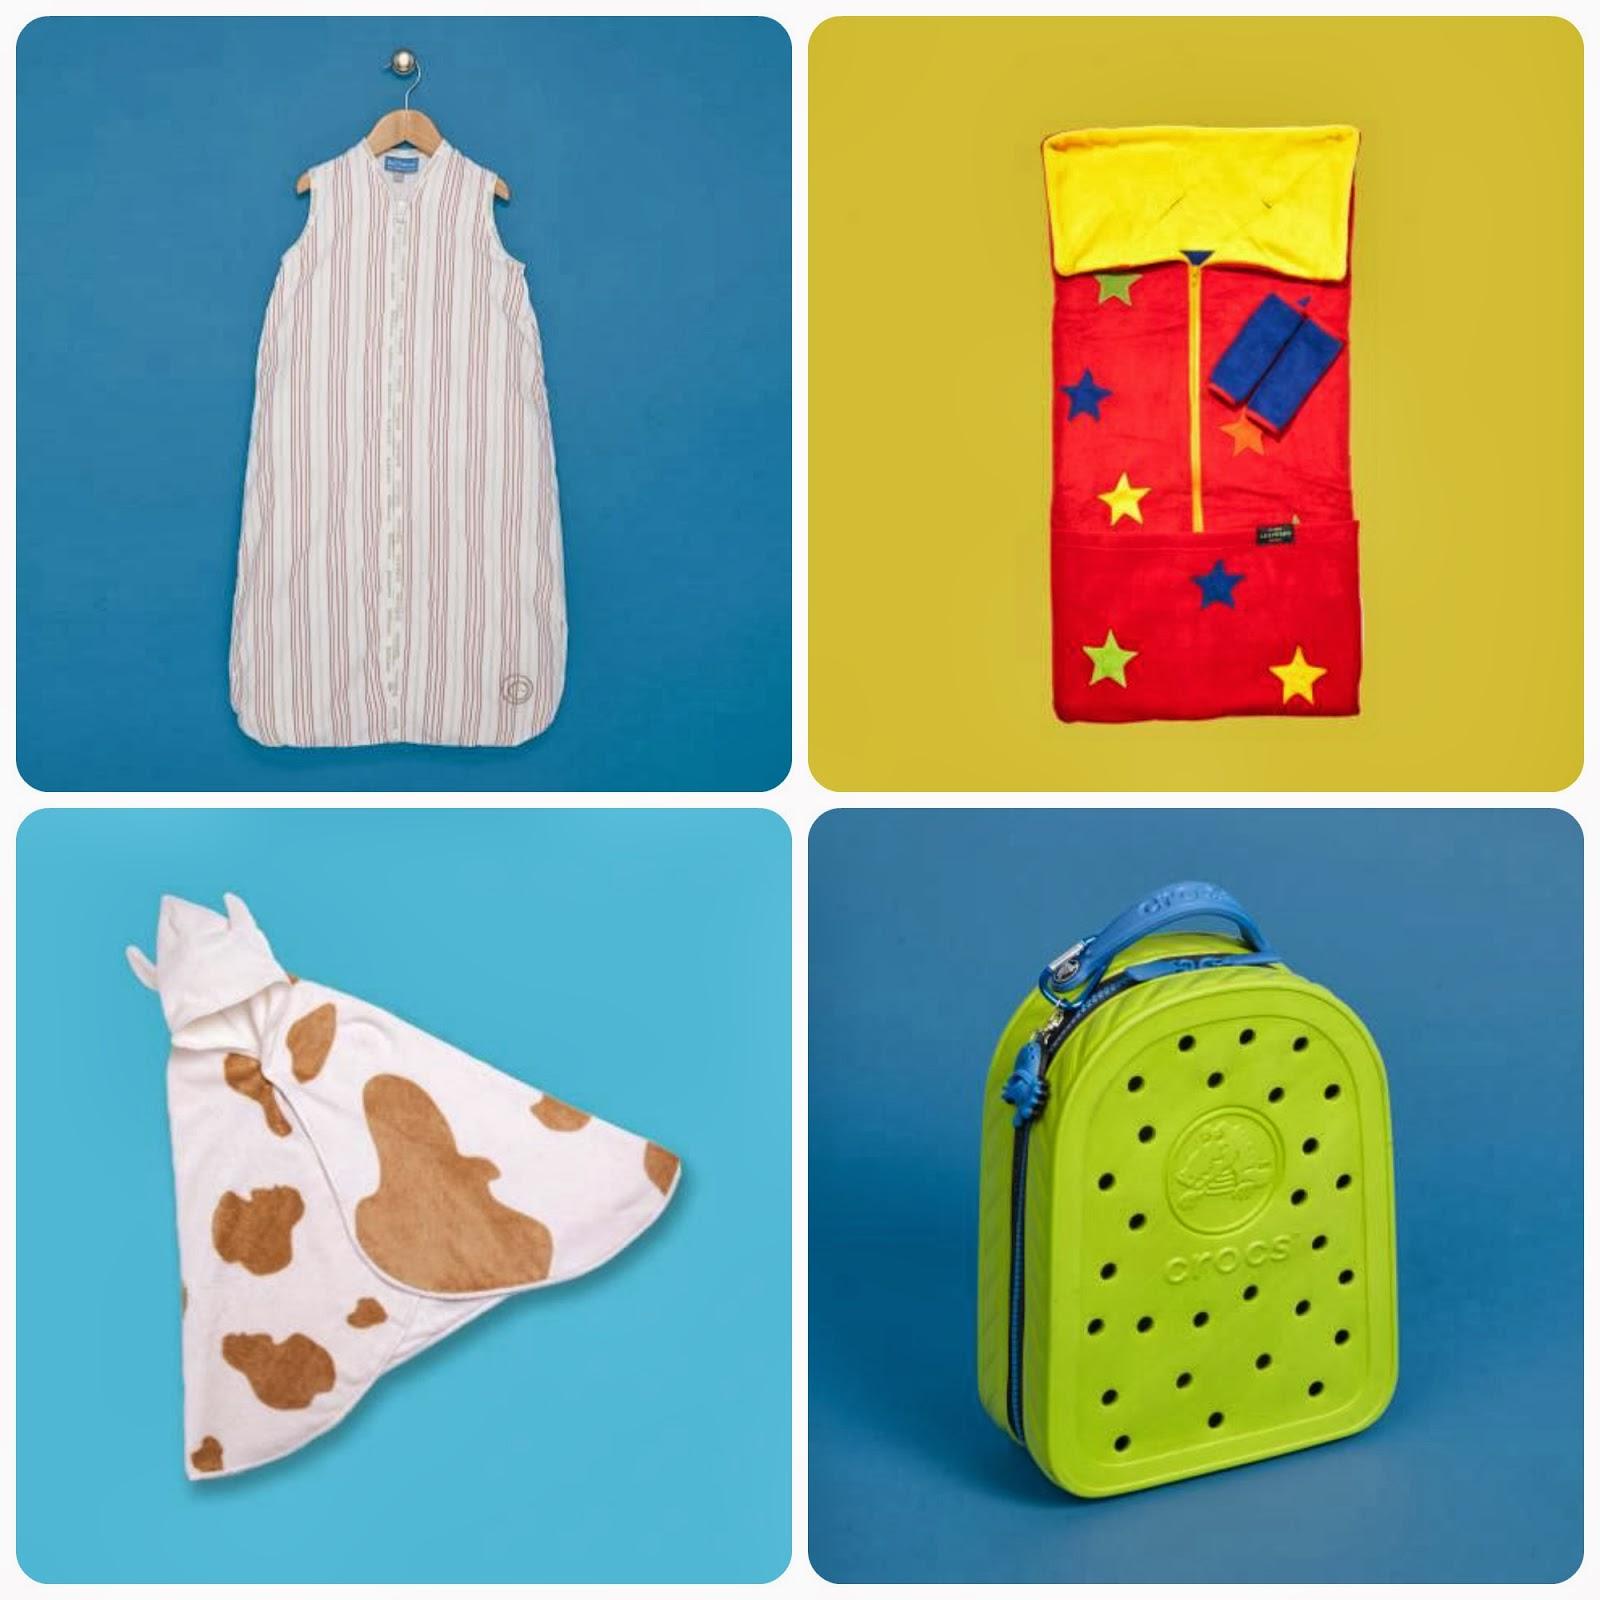 Wauwaa Current Sales Bubbaroo Cozyosko Cuddledry Crocs